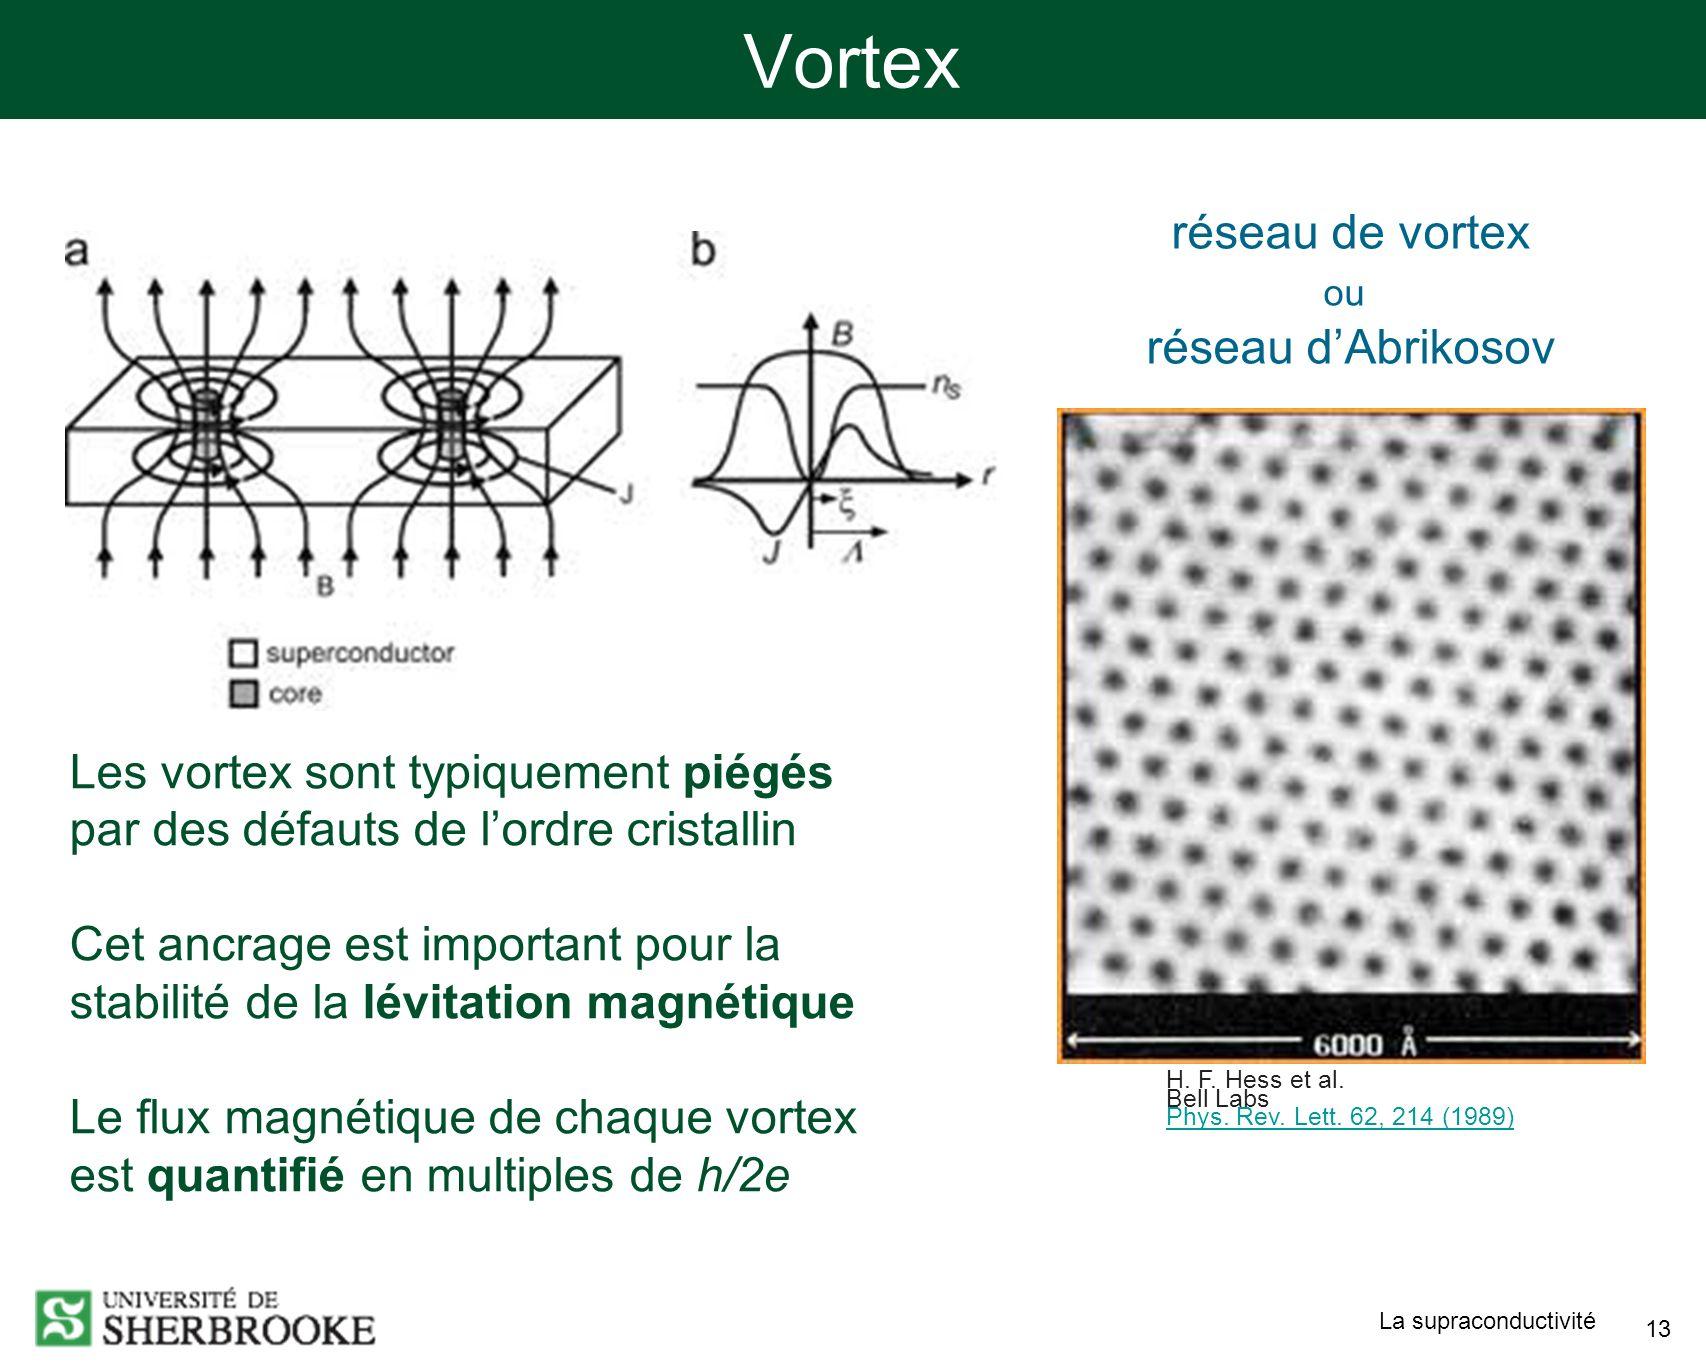 Vortex réseau de vortex réseau d'Abrikosov